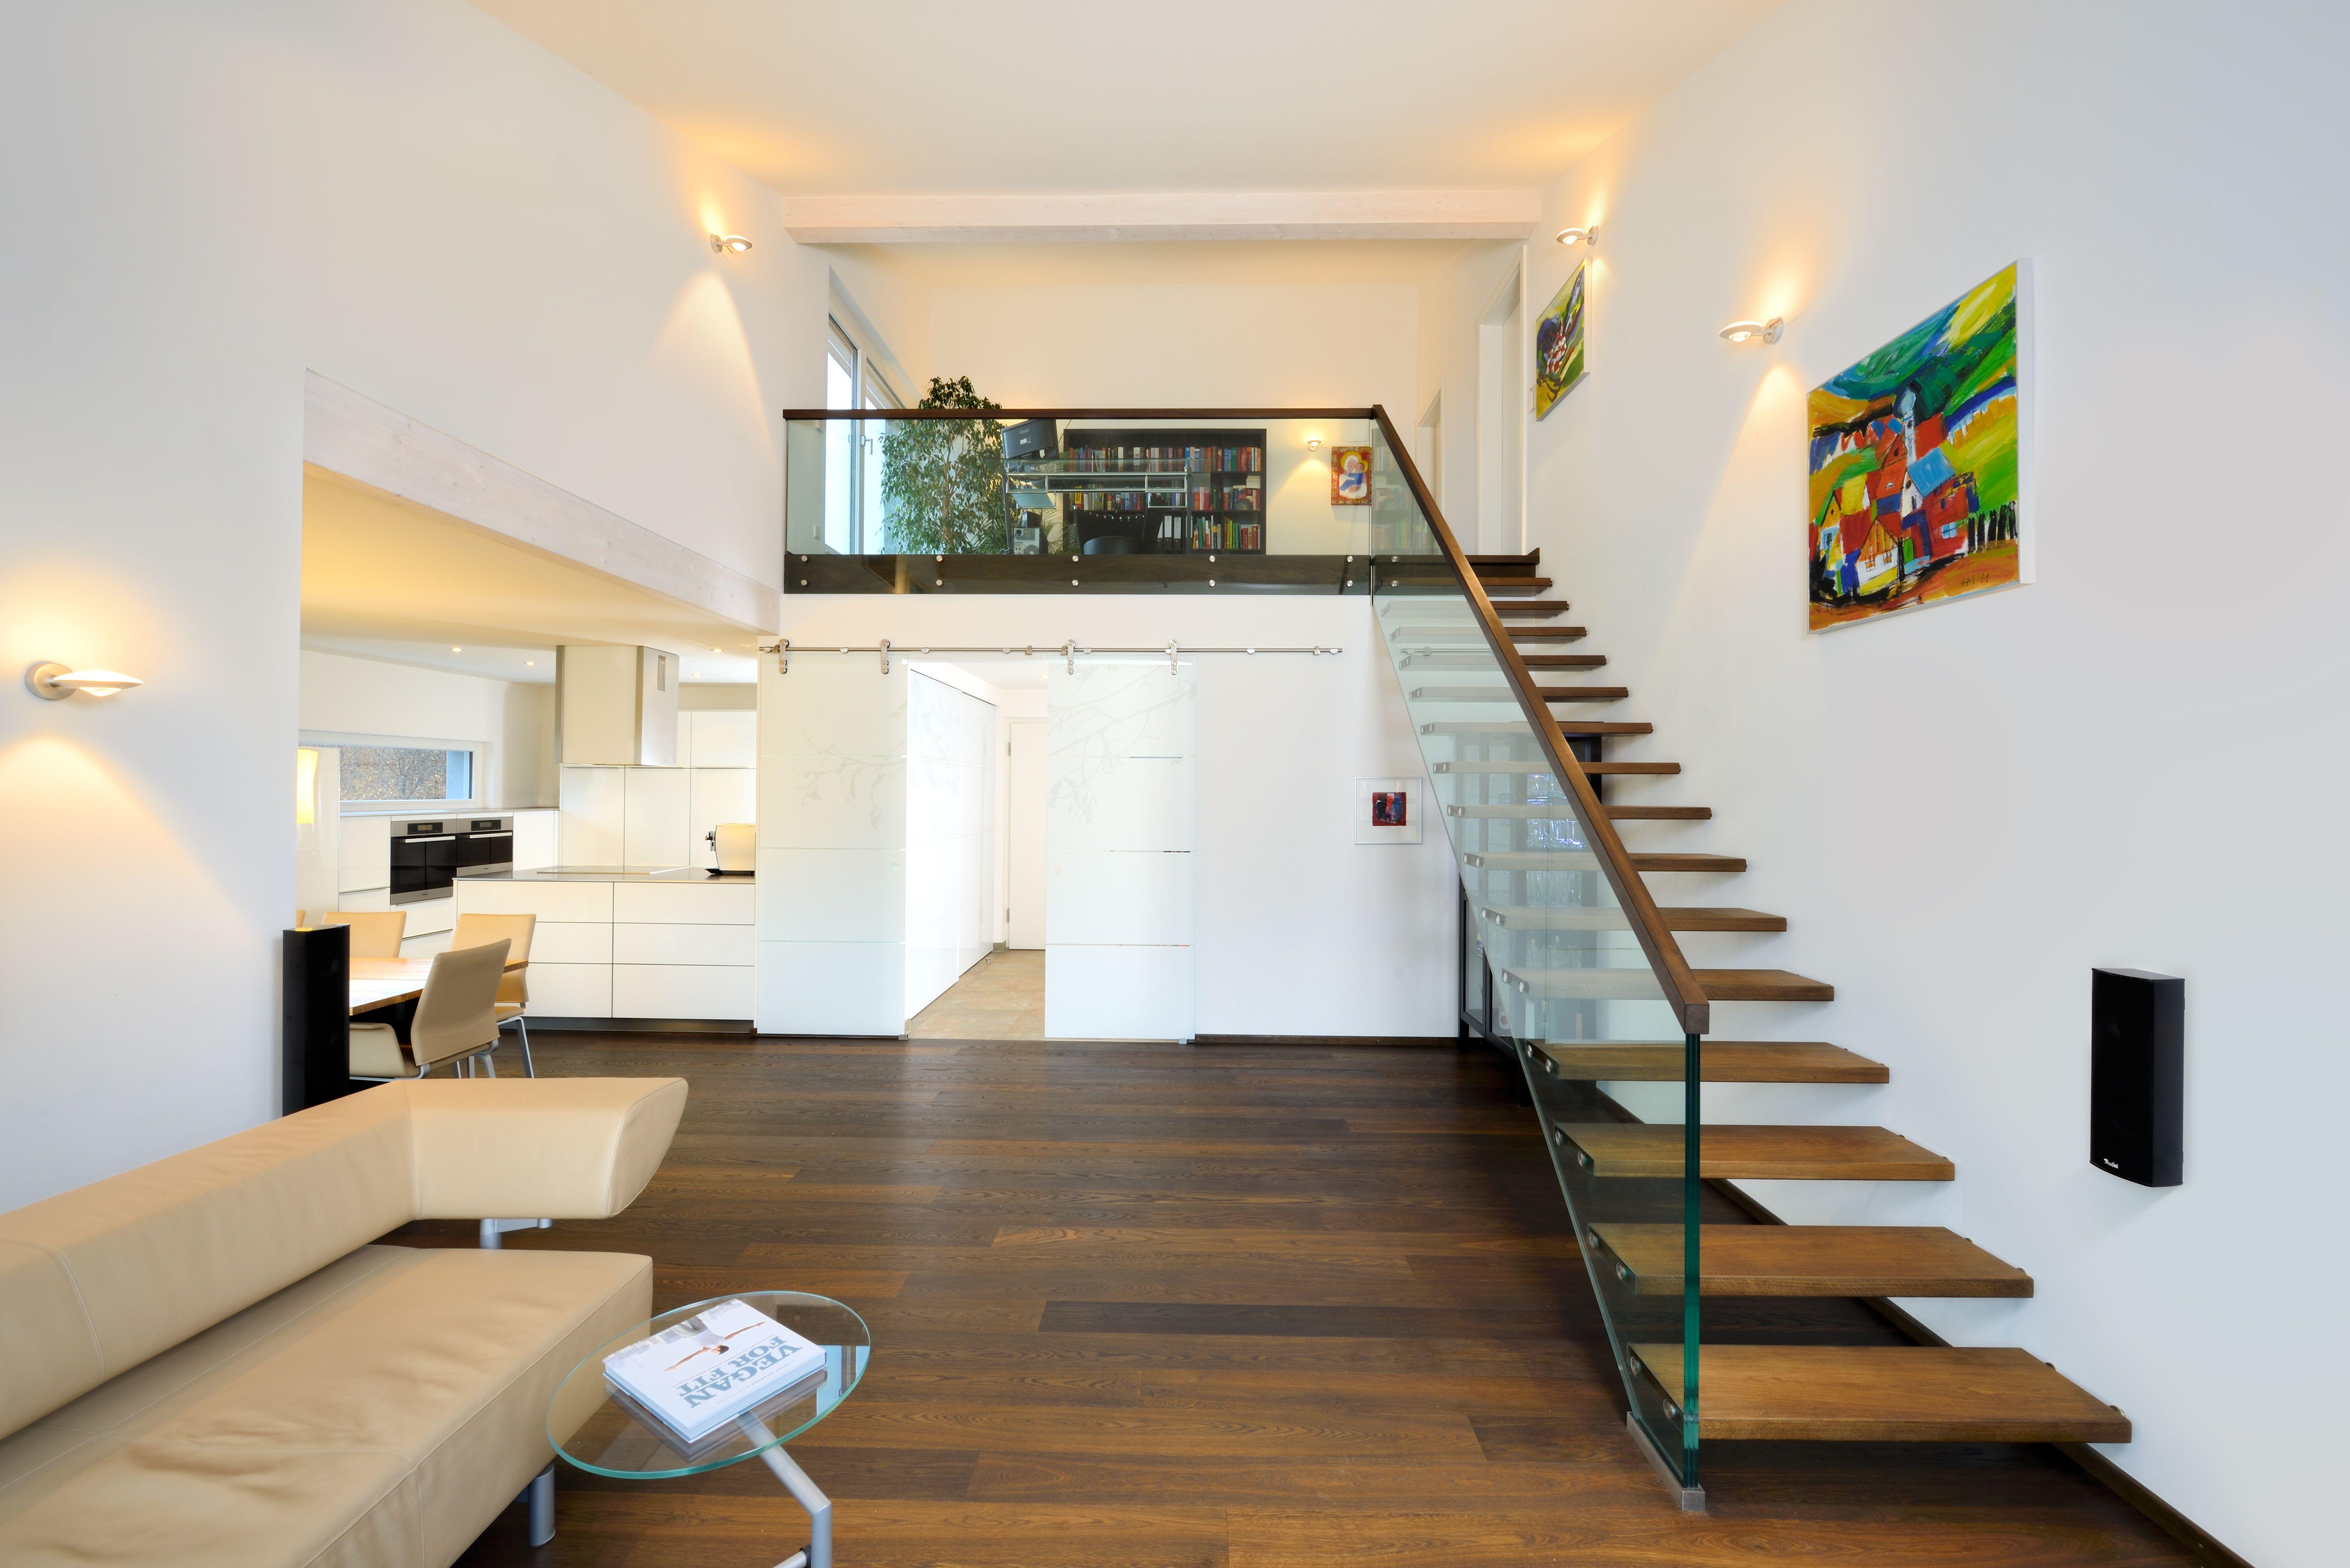 Wohnzimmer Mit Treppe Einrichten